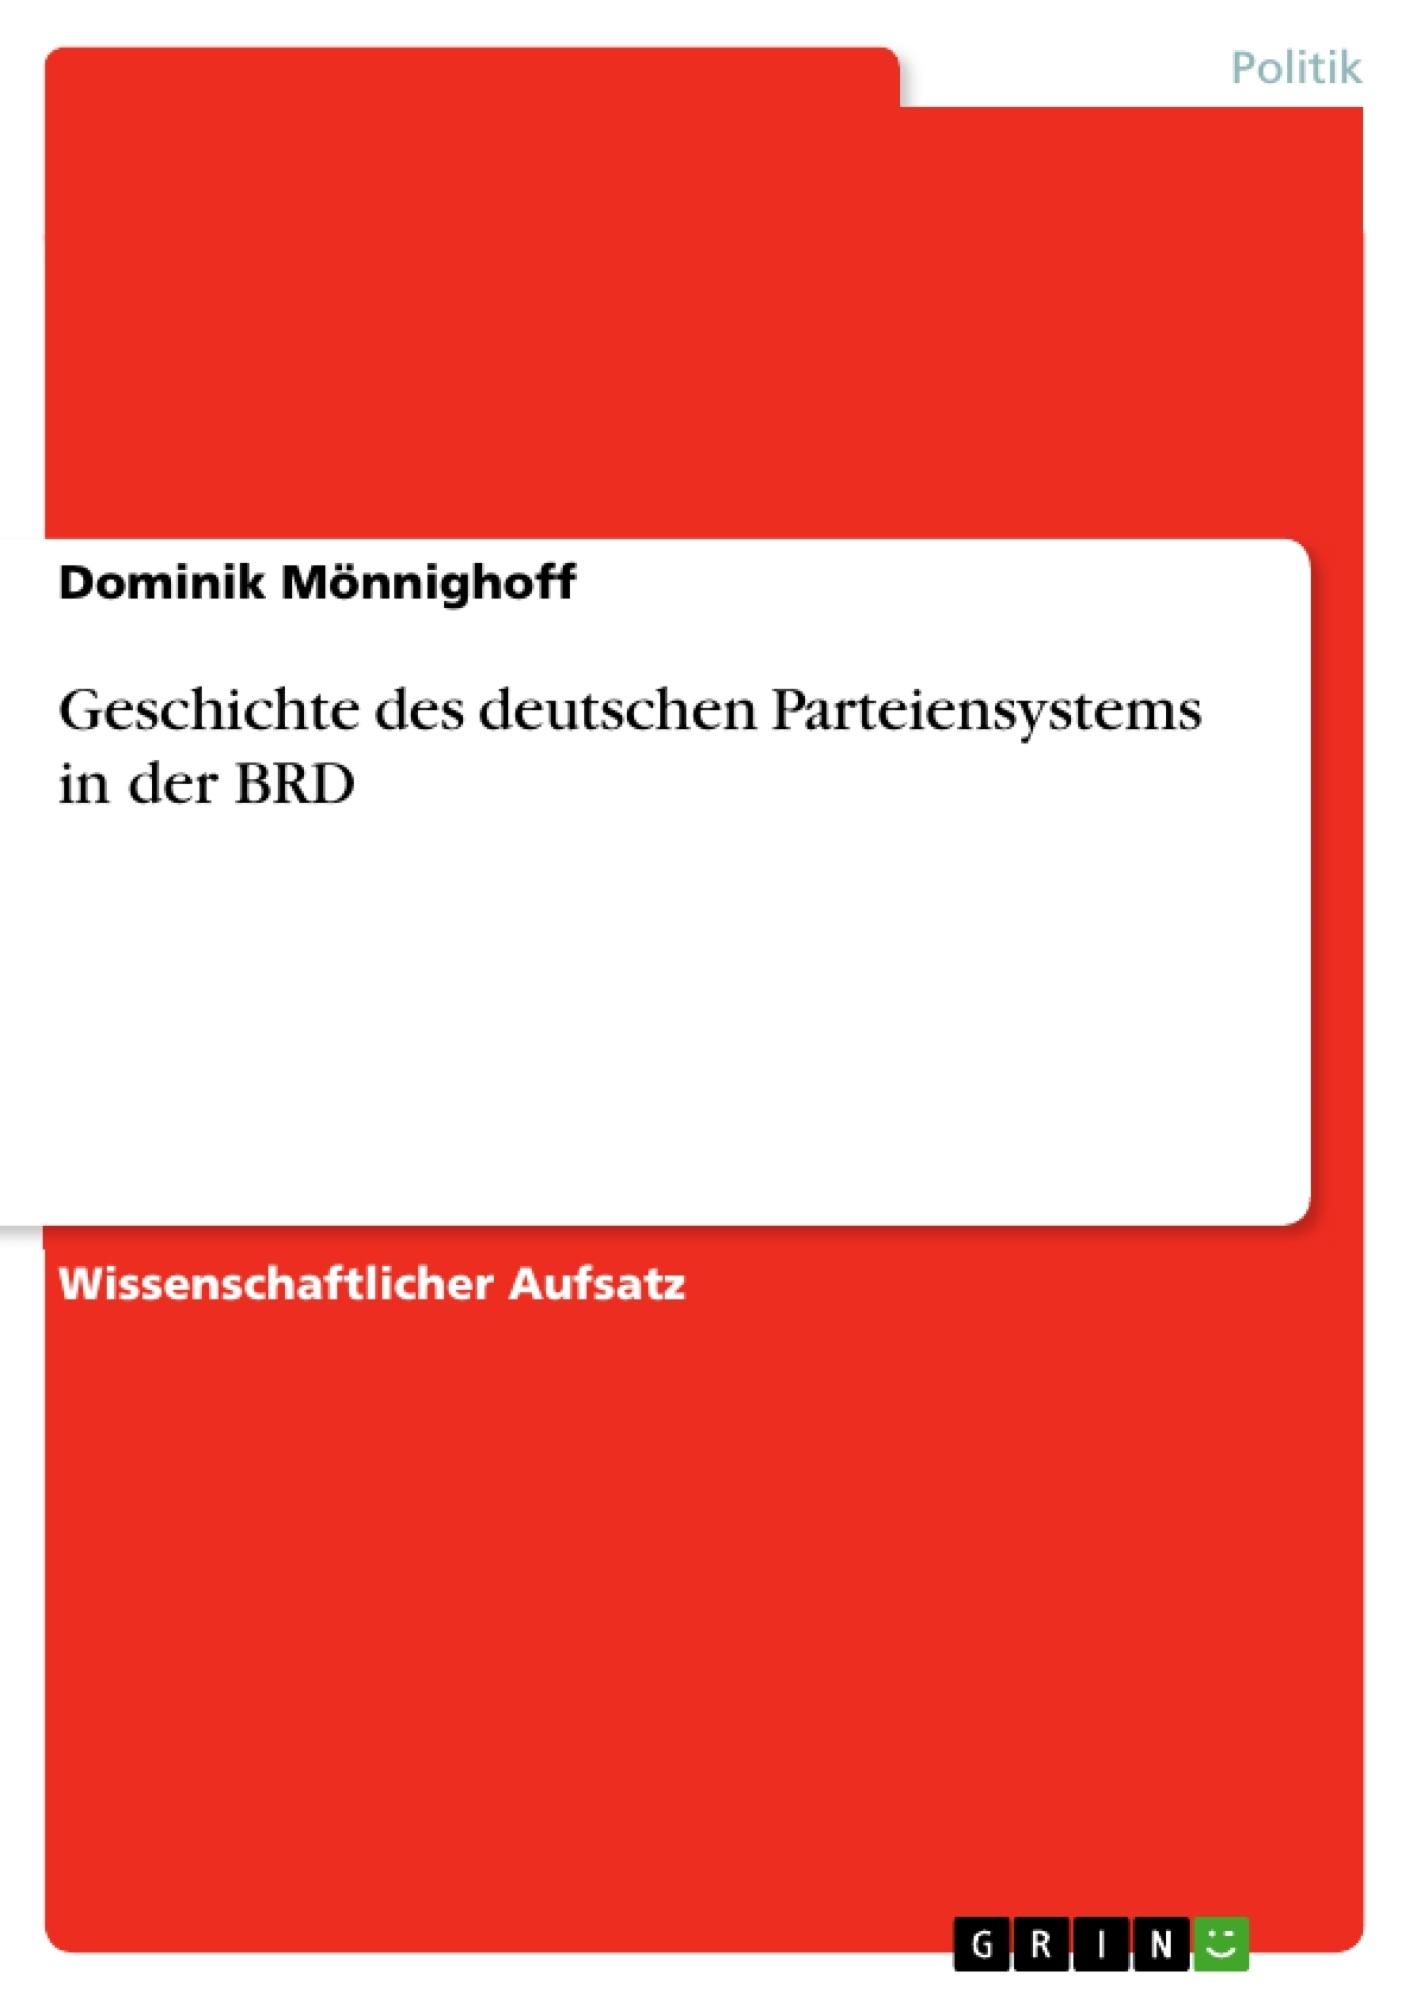 Titel: Geschichte des deutschen Parteiensystems in der BRD